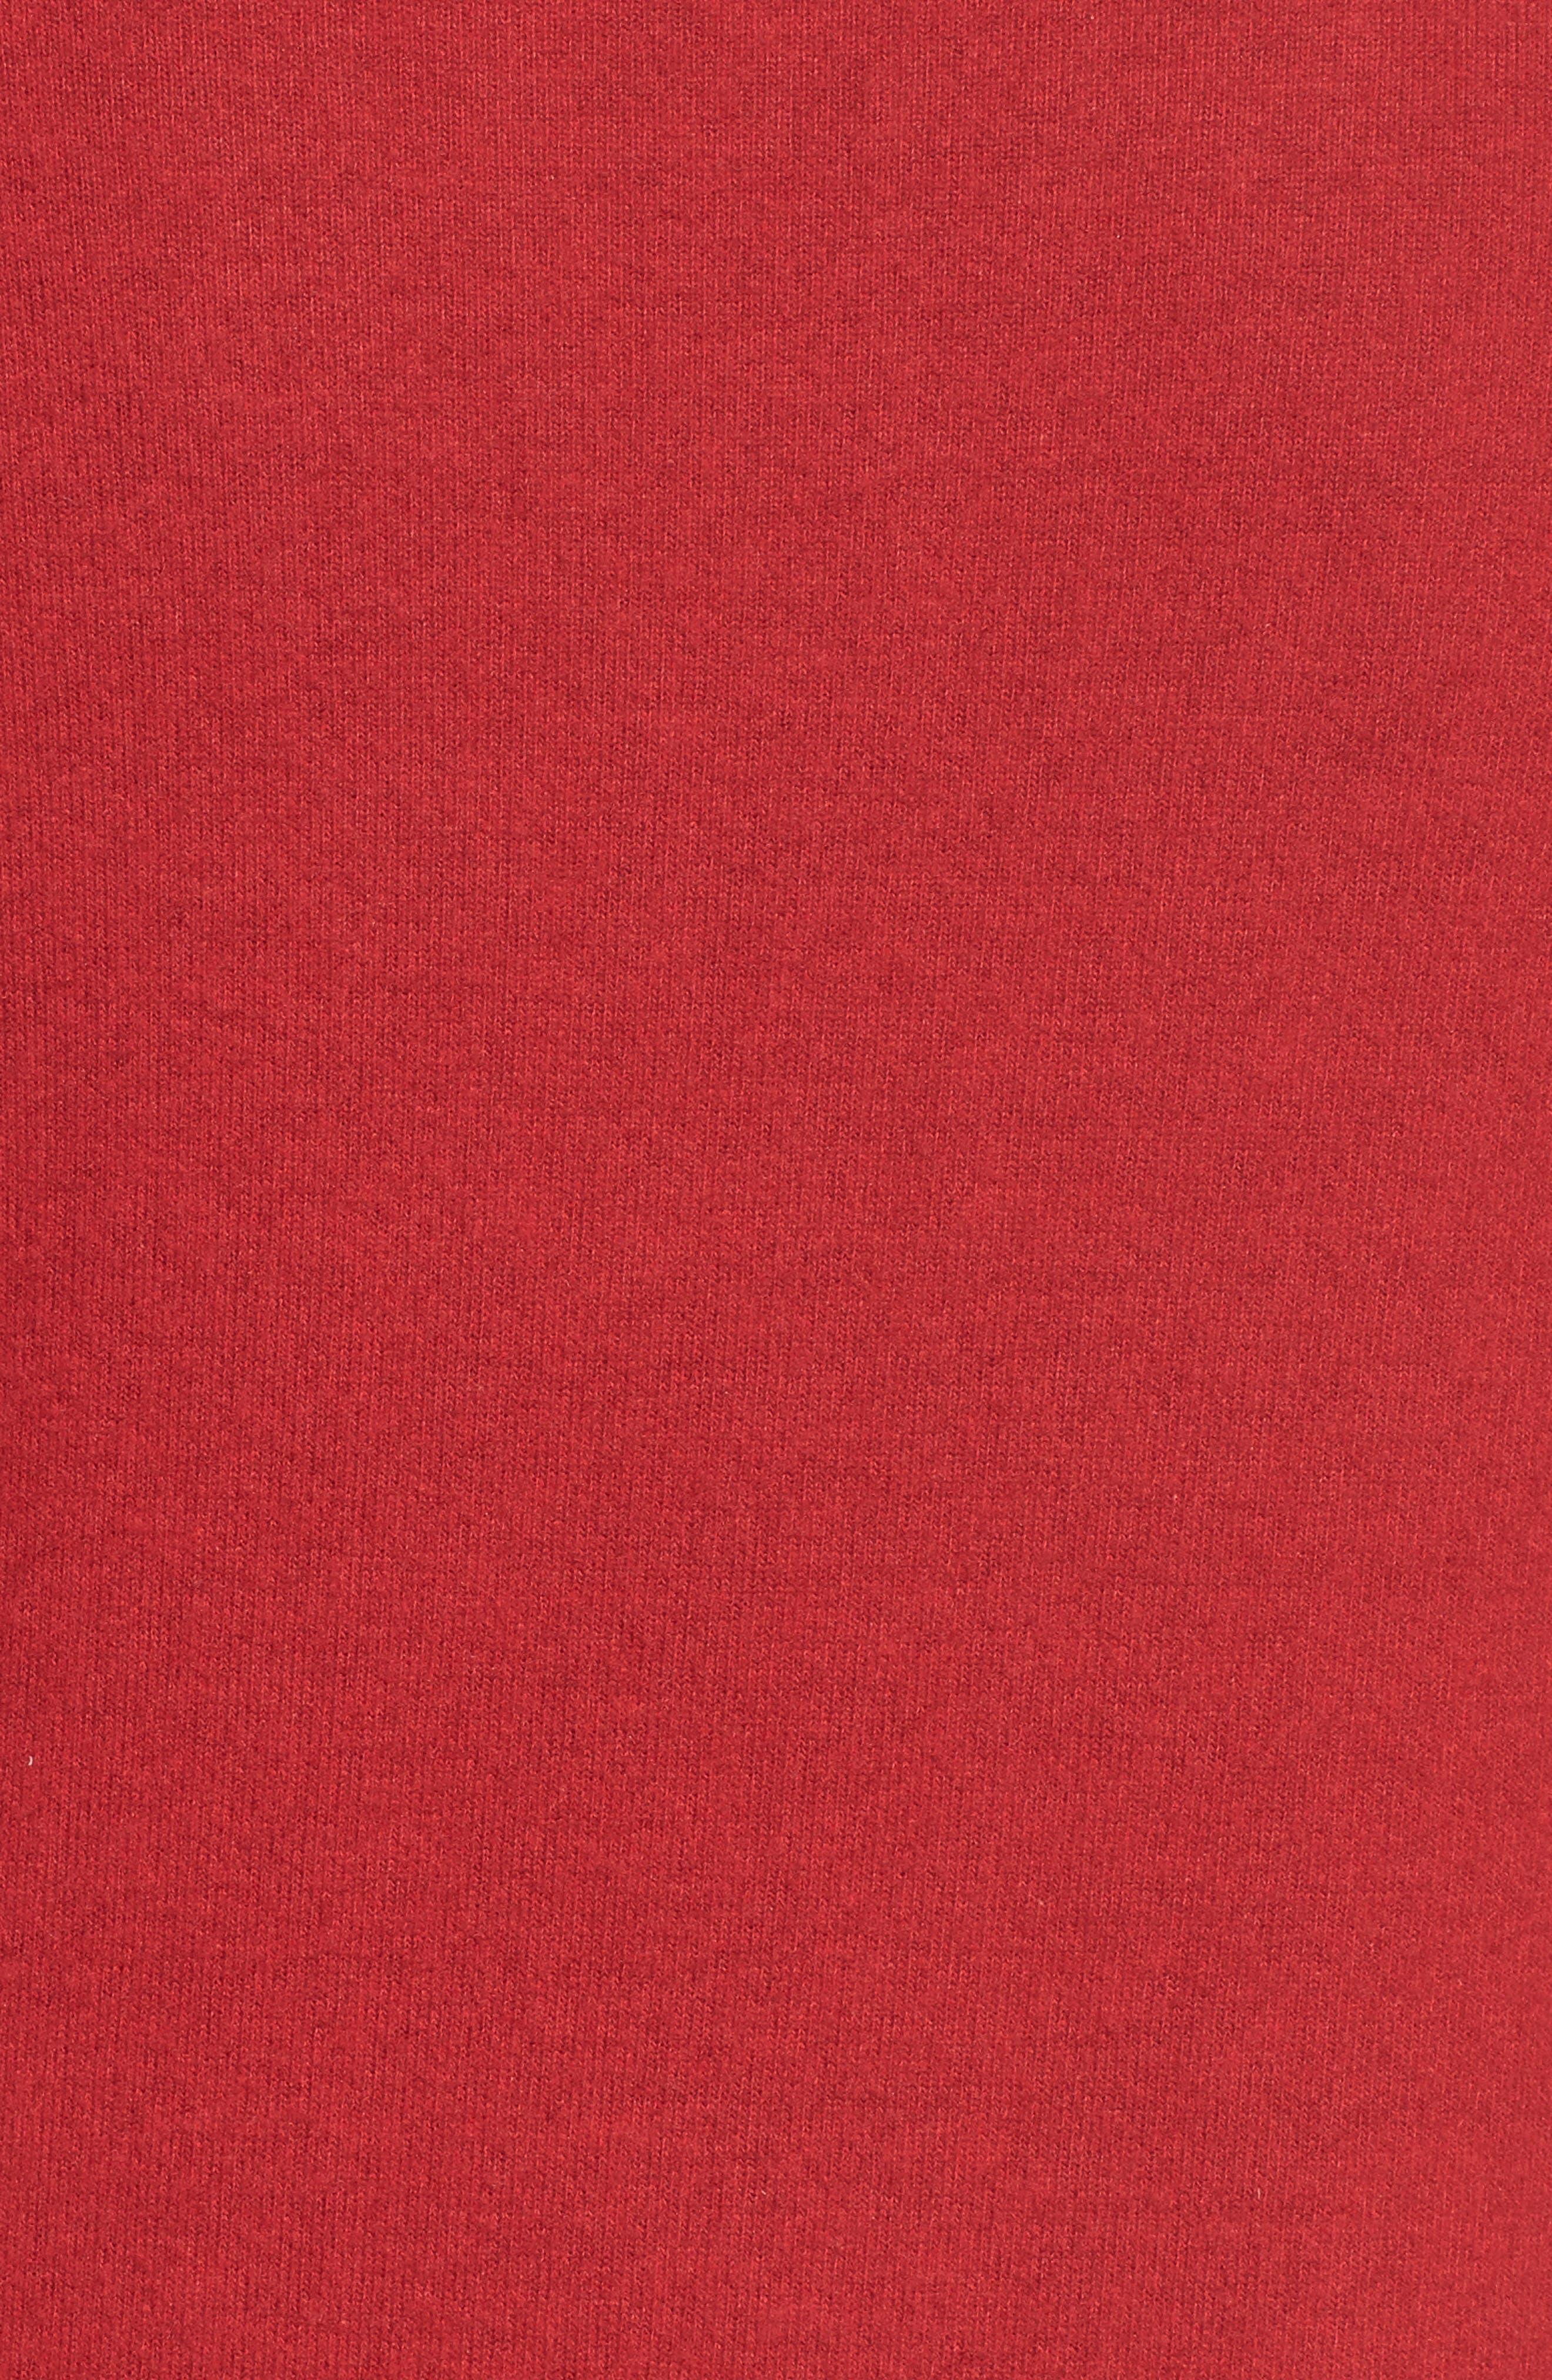 Alternate Image 5  - Gibson Twist Front Cozy Fleece Pullover (Regular & Petite)